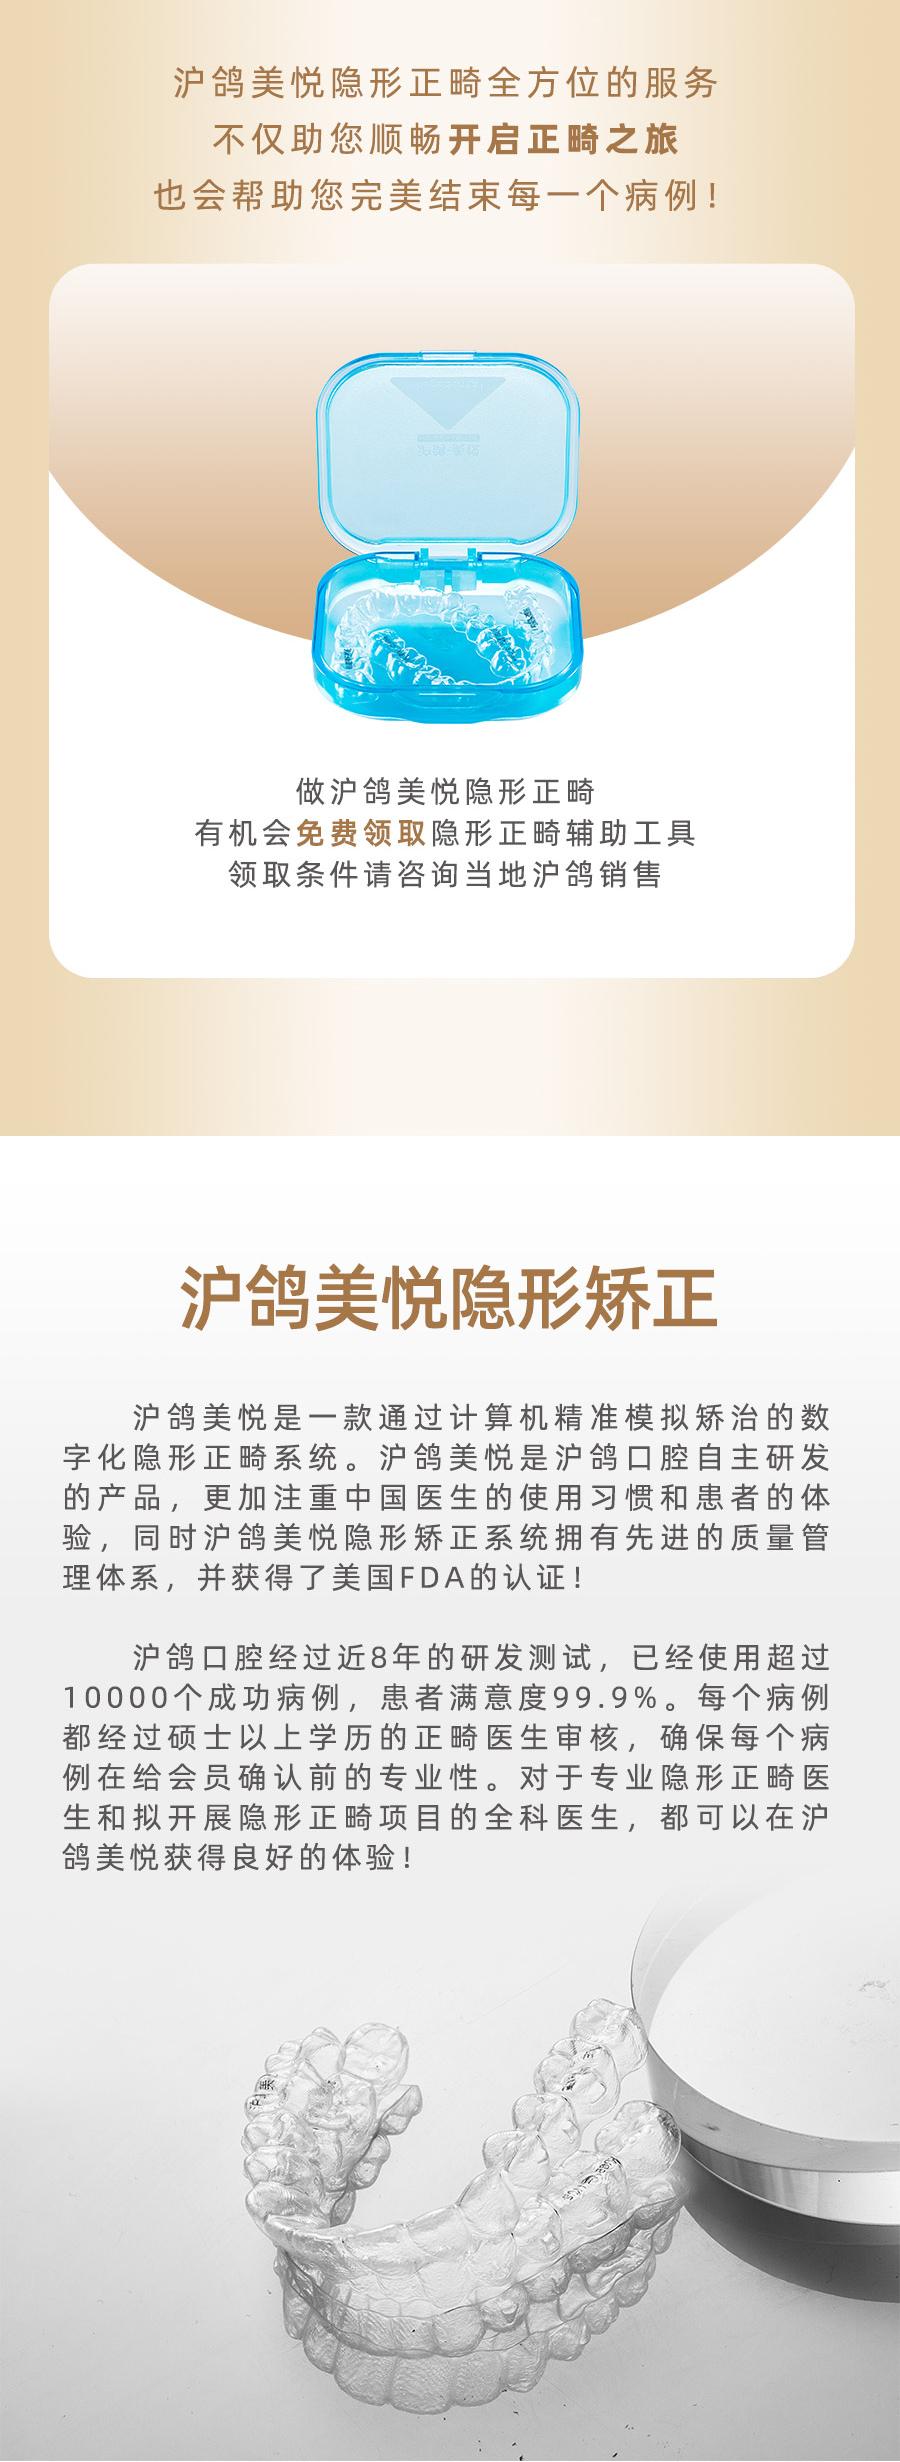 沪鸽美悦隐形矫正五大辅助系统,打造全方位服务体验!